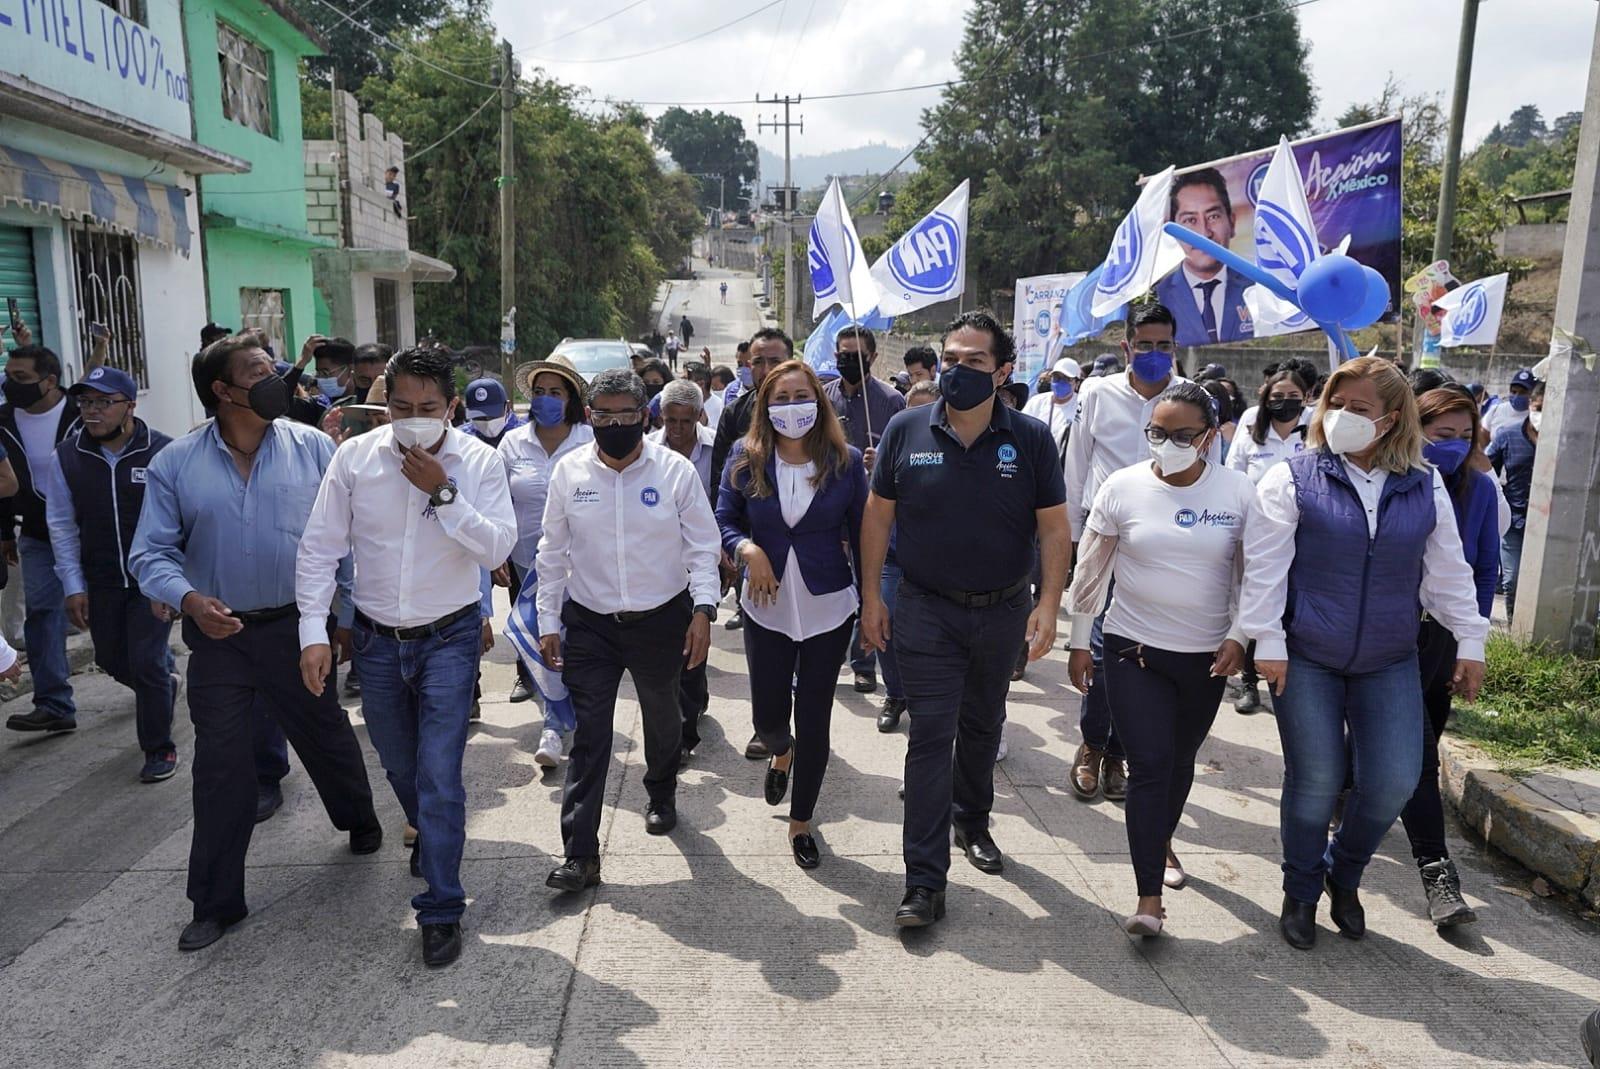 Que no venga Morena al Estado de México a mentirle a la gente: Enrique Vargas